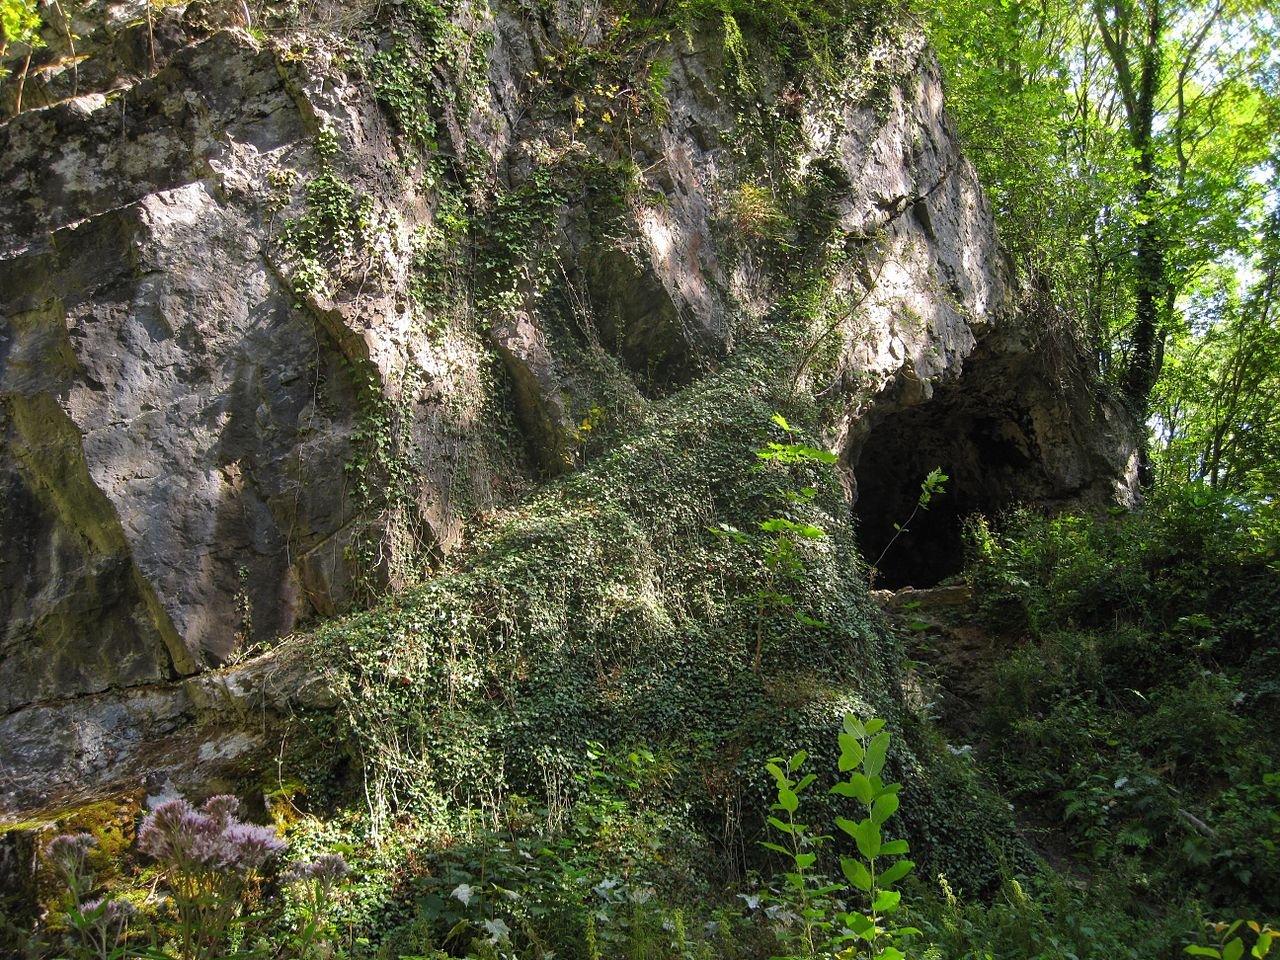 Фото Пещера Принца. Германия, Nordrhein-Westfalen, Hemer, Am Perick, 56